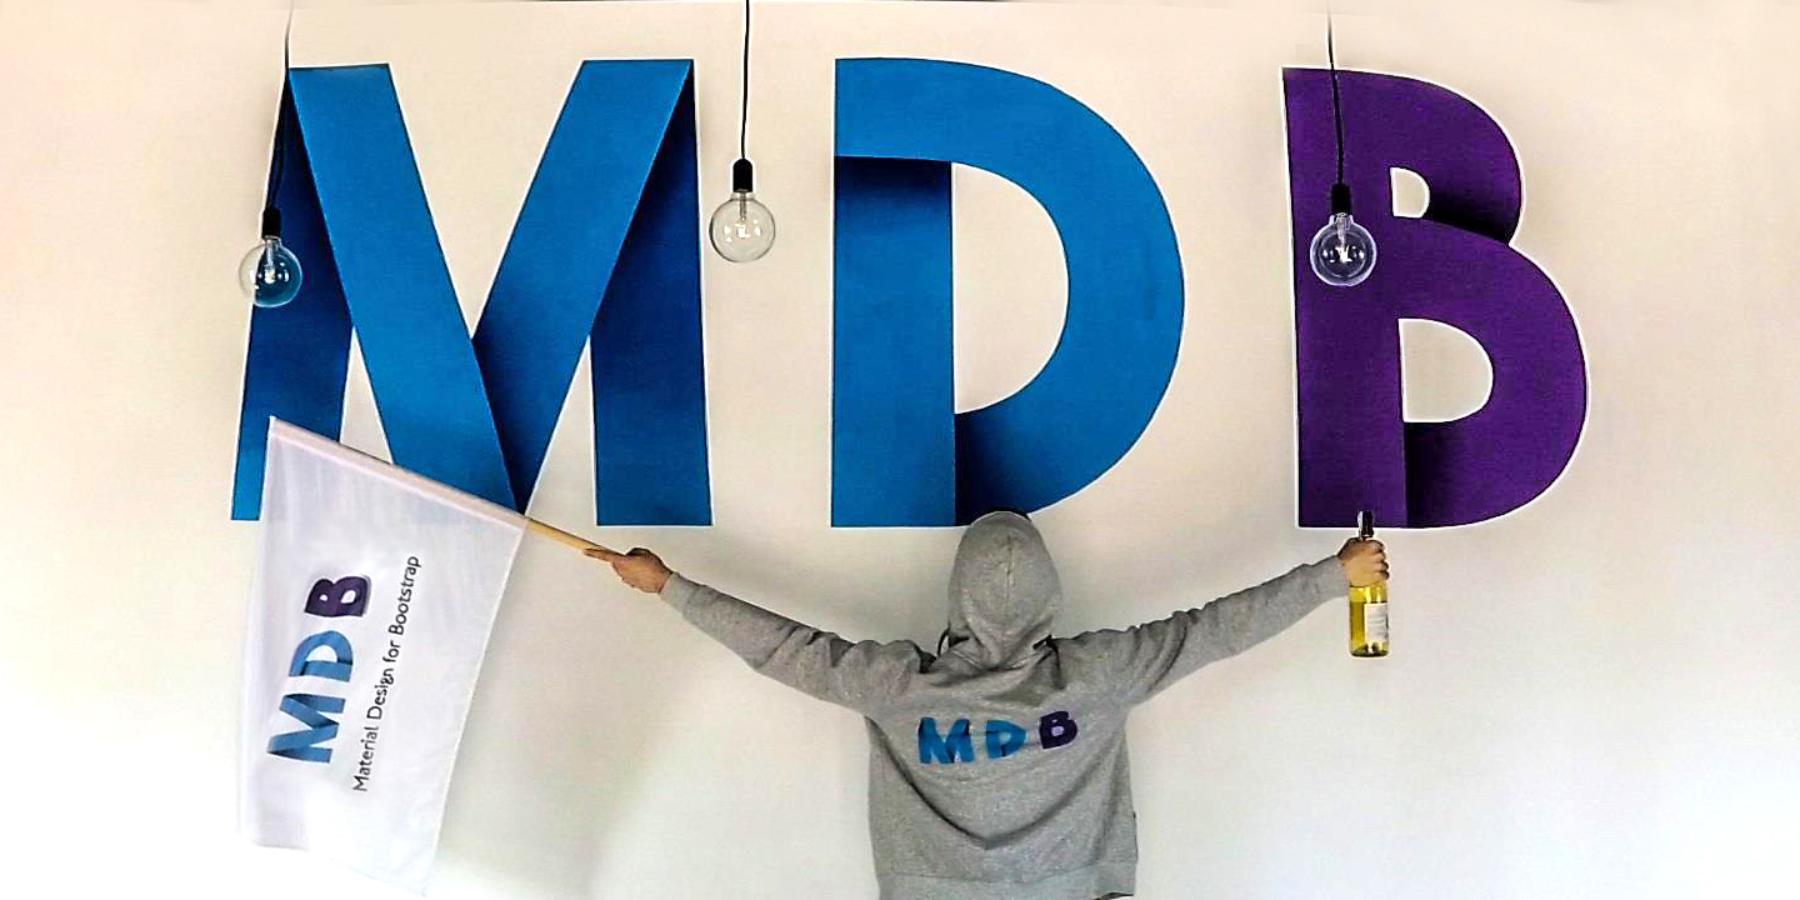 MDBootstrap – jak przejść odusług doproduktów zktórychkorzysta 500 tys. użytkowników? [WYWIAD]